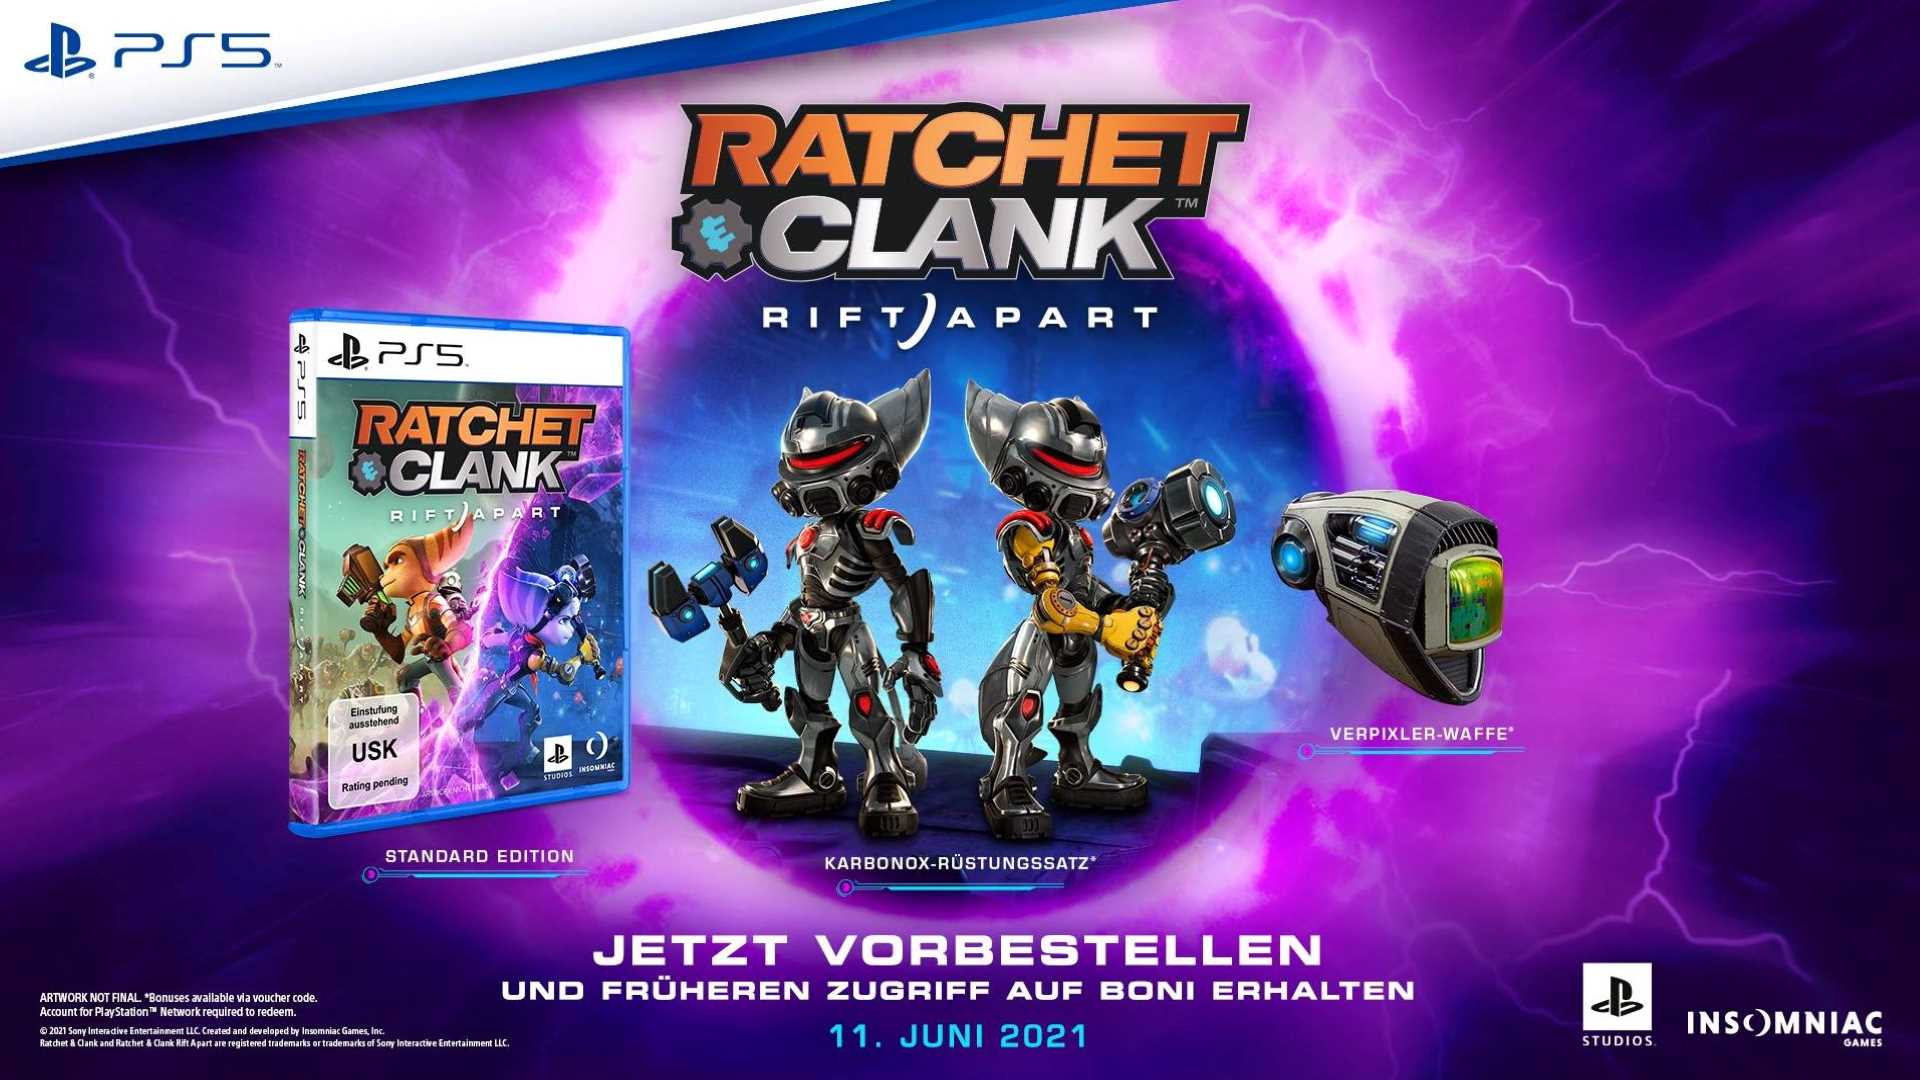 Ratchet & Clank: Rift Apart ist in drei verschiedenen Editionen vorbestellbar